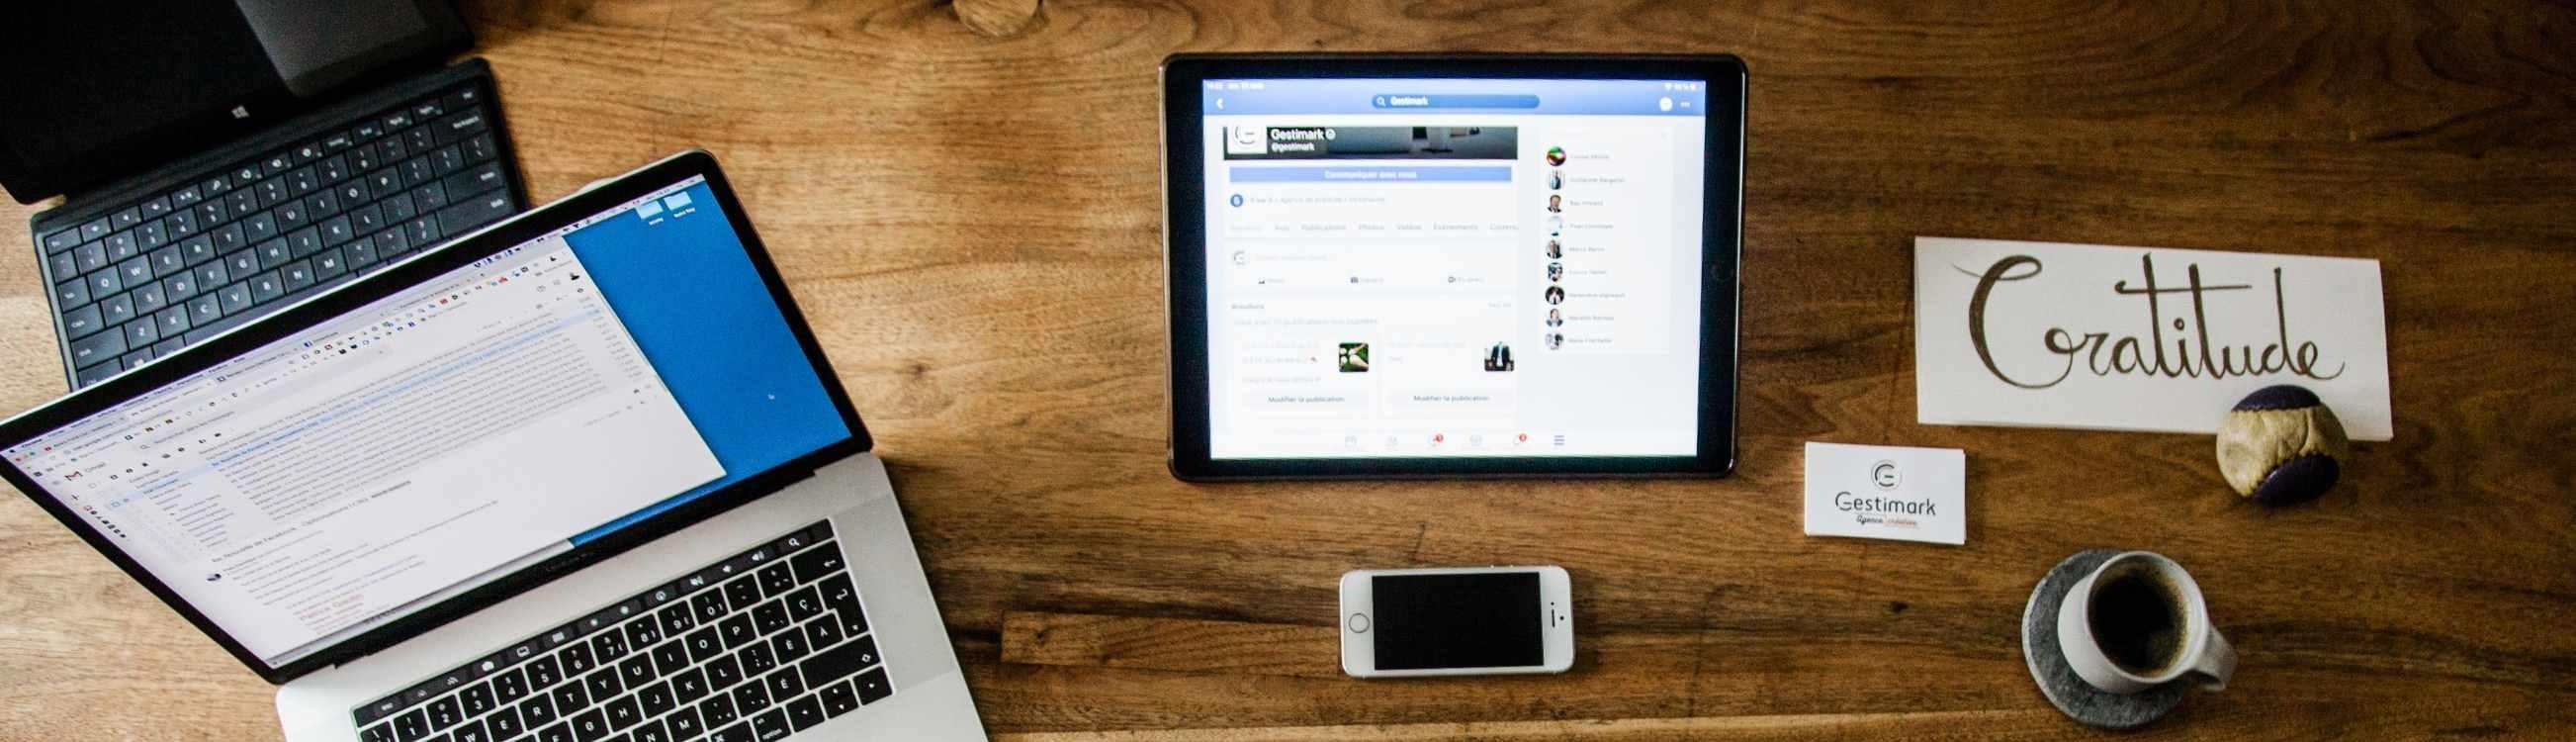 Une formule magique pour gérer vos médias sociaux ?